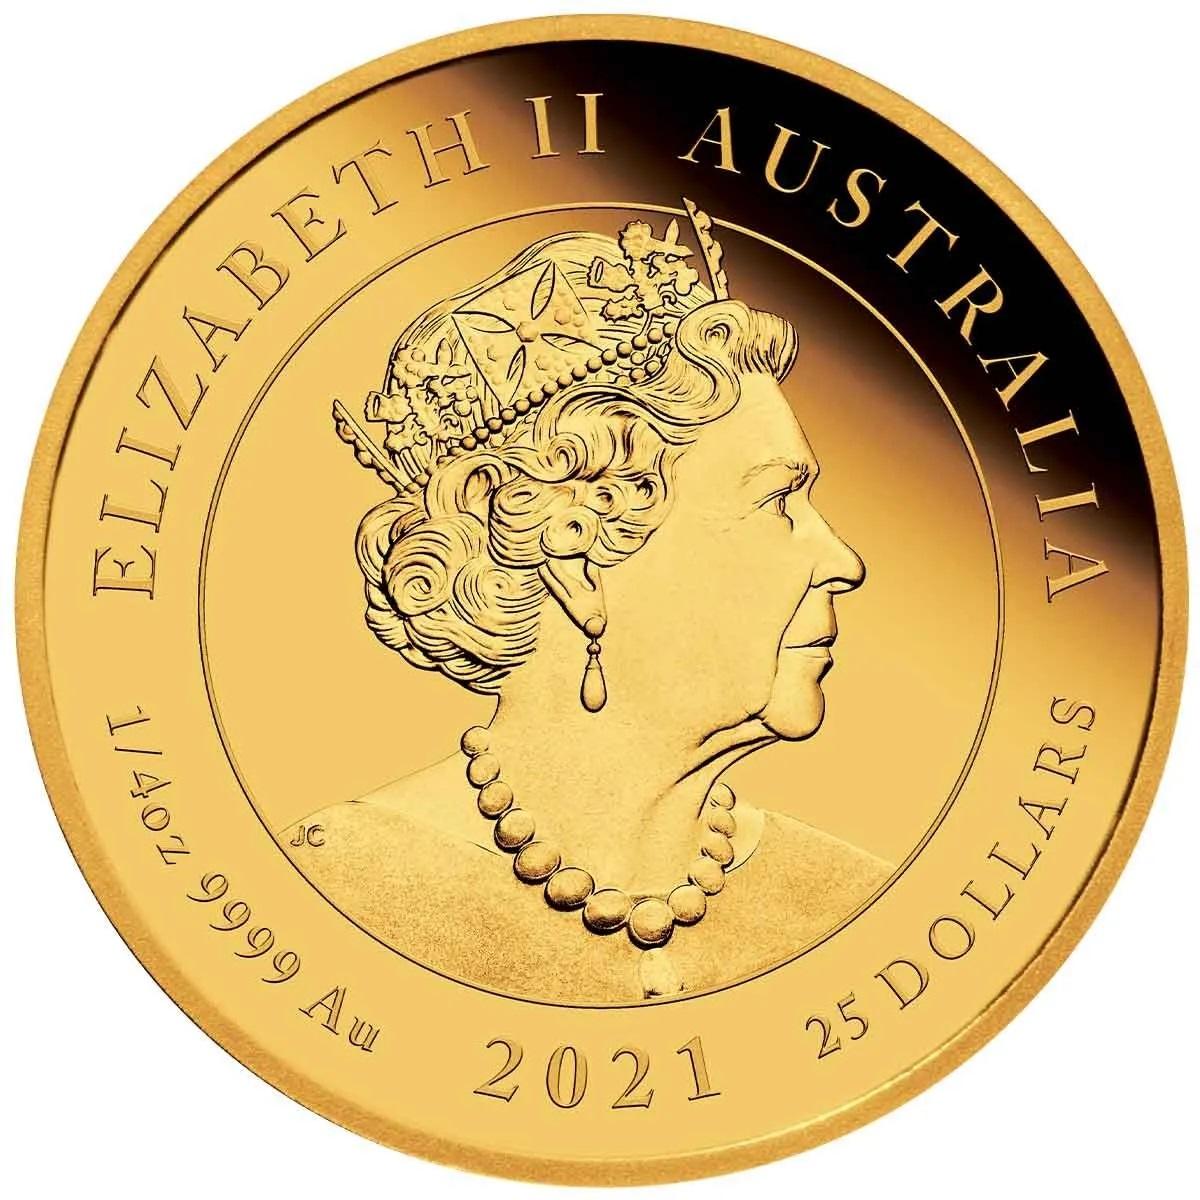 Австралия 25 доллара к 95-летию со дня рождения королевы Елизаветы II, аверс